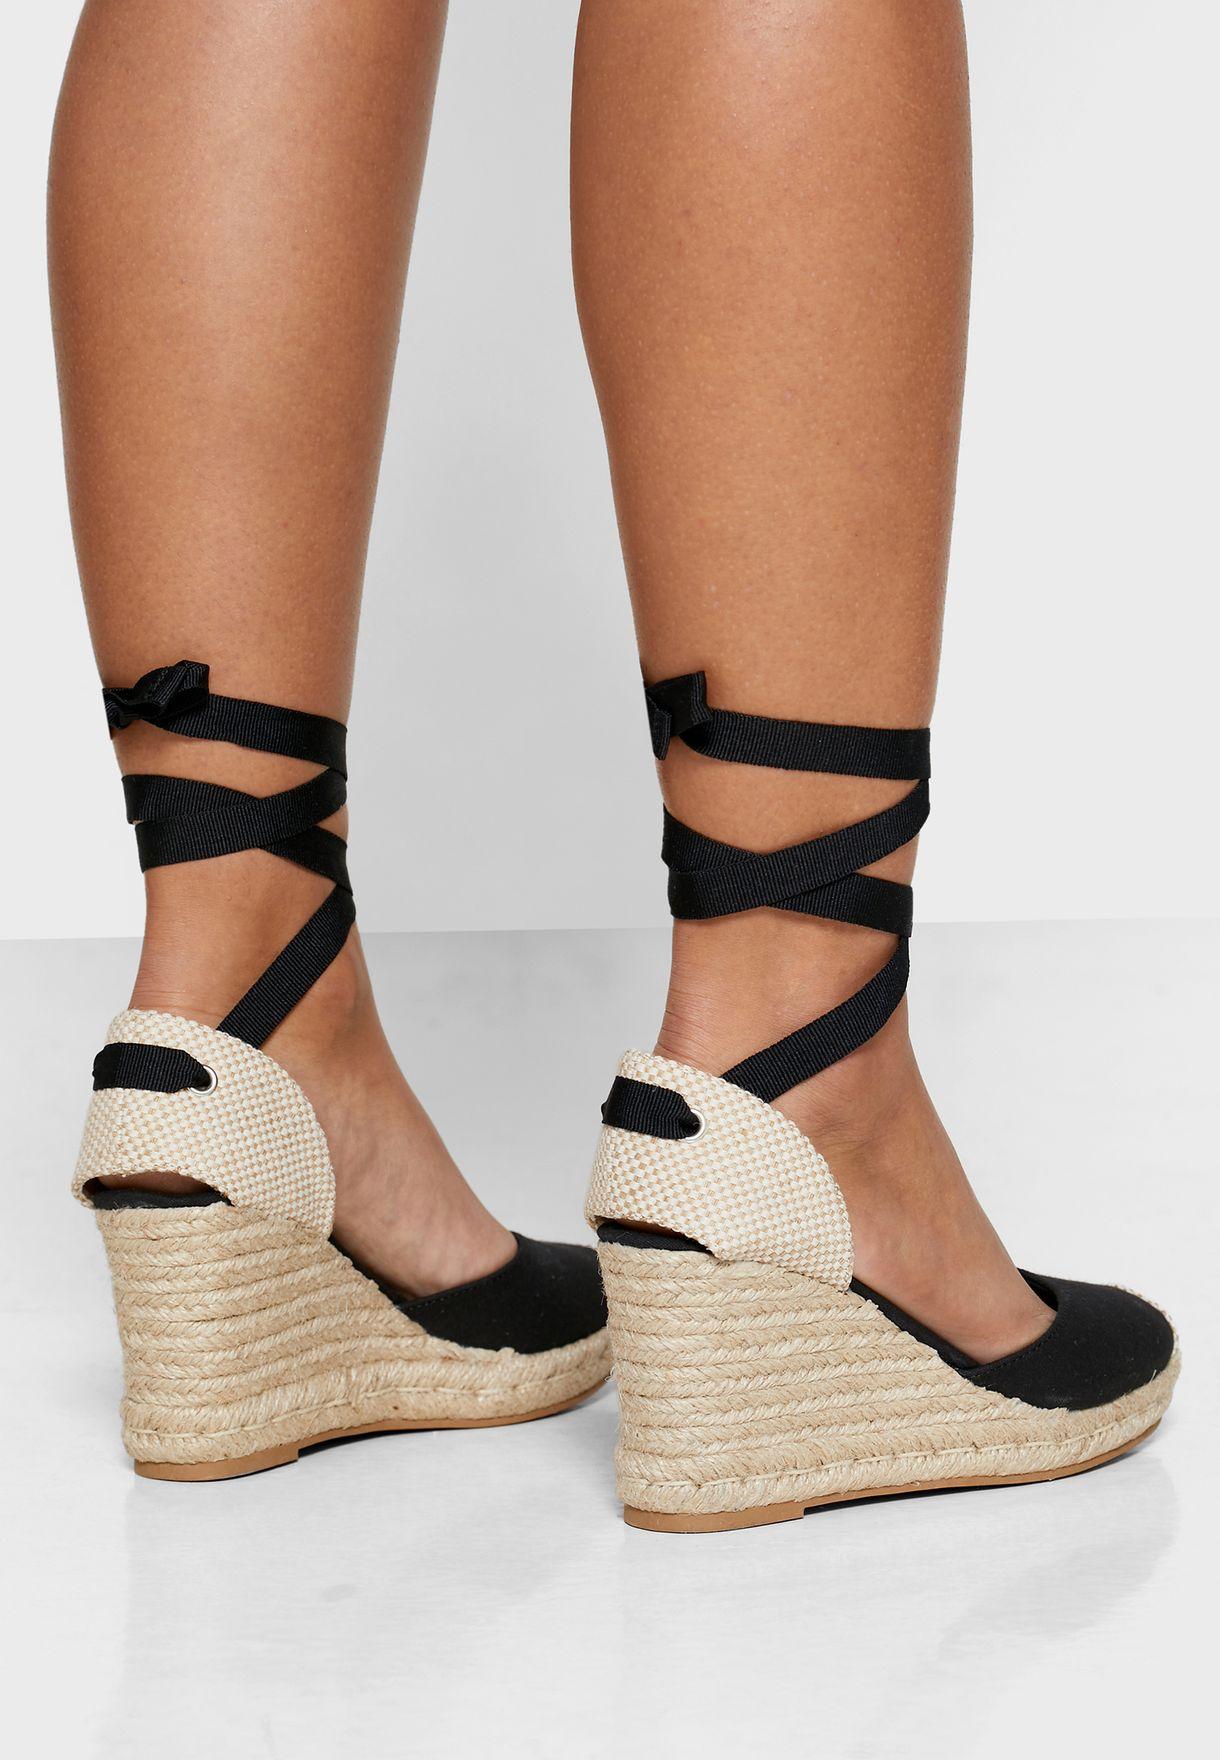 Trinidad Ankle Strap Pump